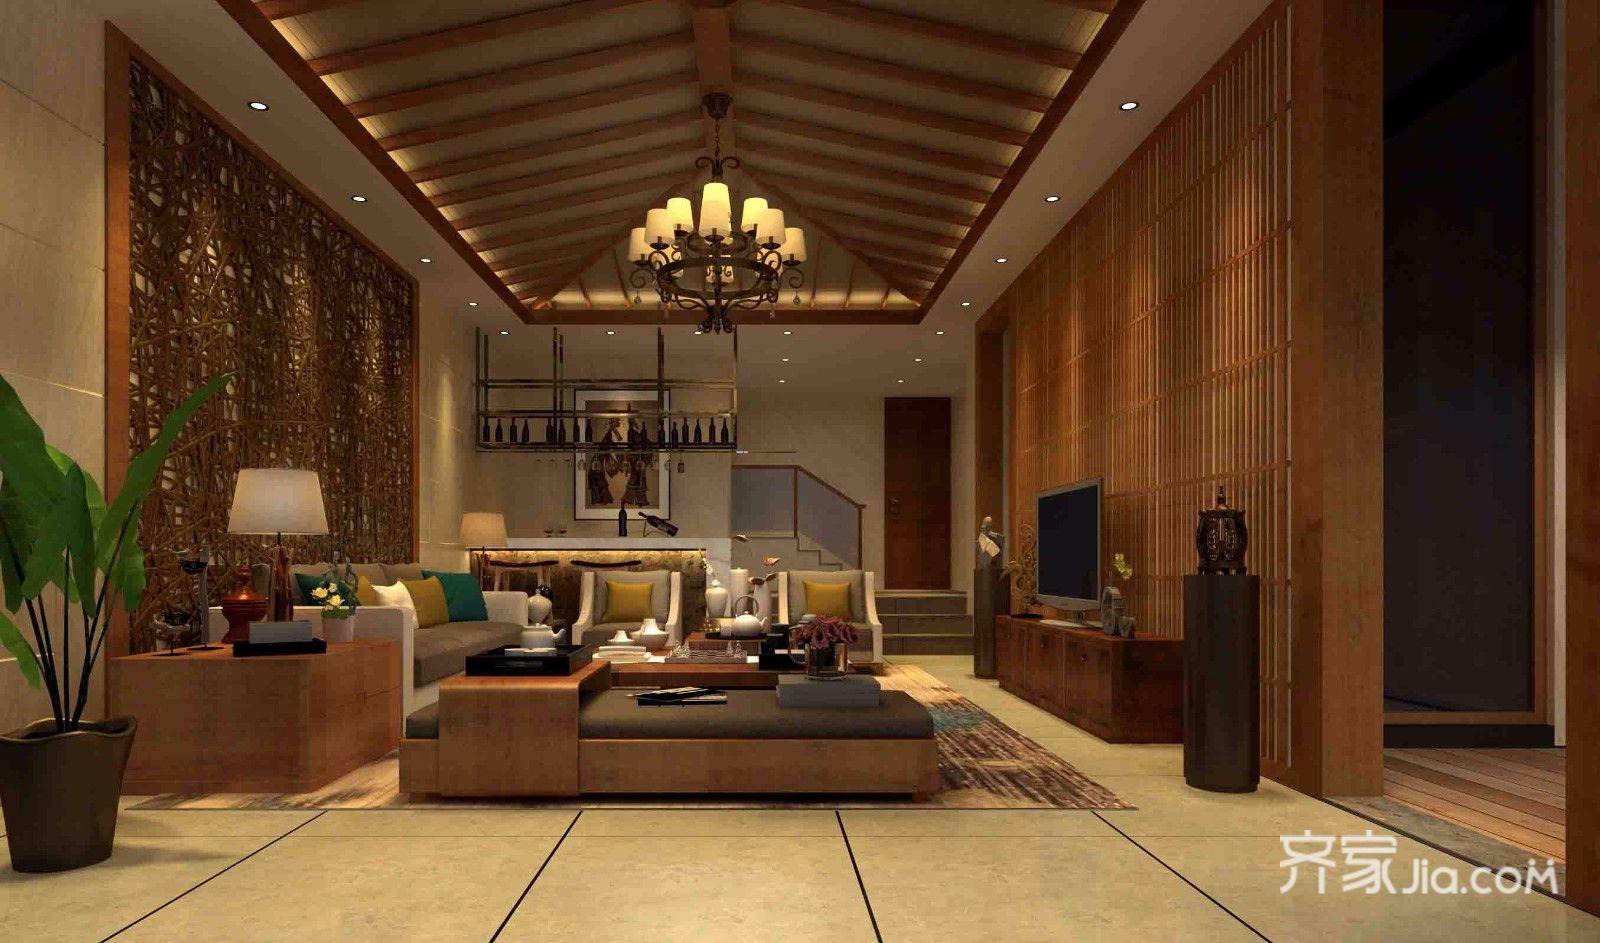 东南亚风格别墅会客厅装修设计效果图